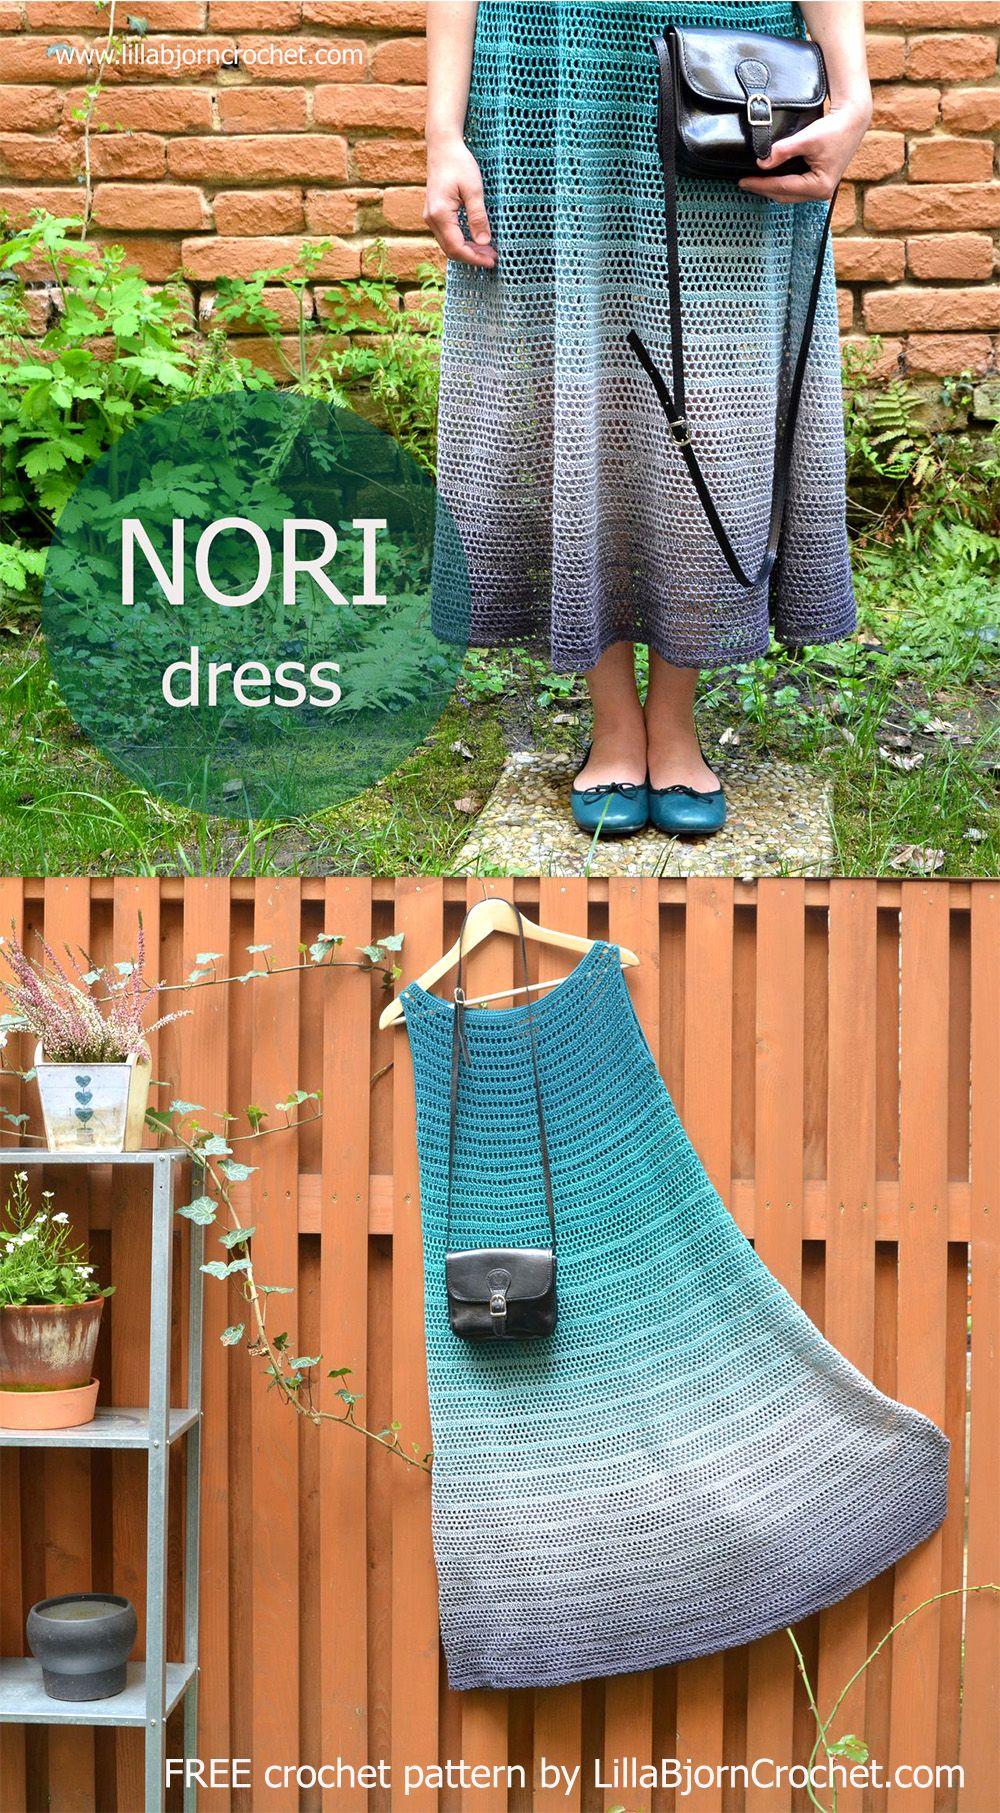 NORI dress is a FREE #crochet pattern aimed to beginners. Designed by www.LillaBjornCrochet.com #crochetdress